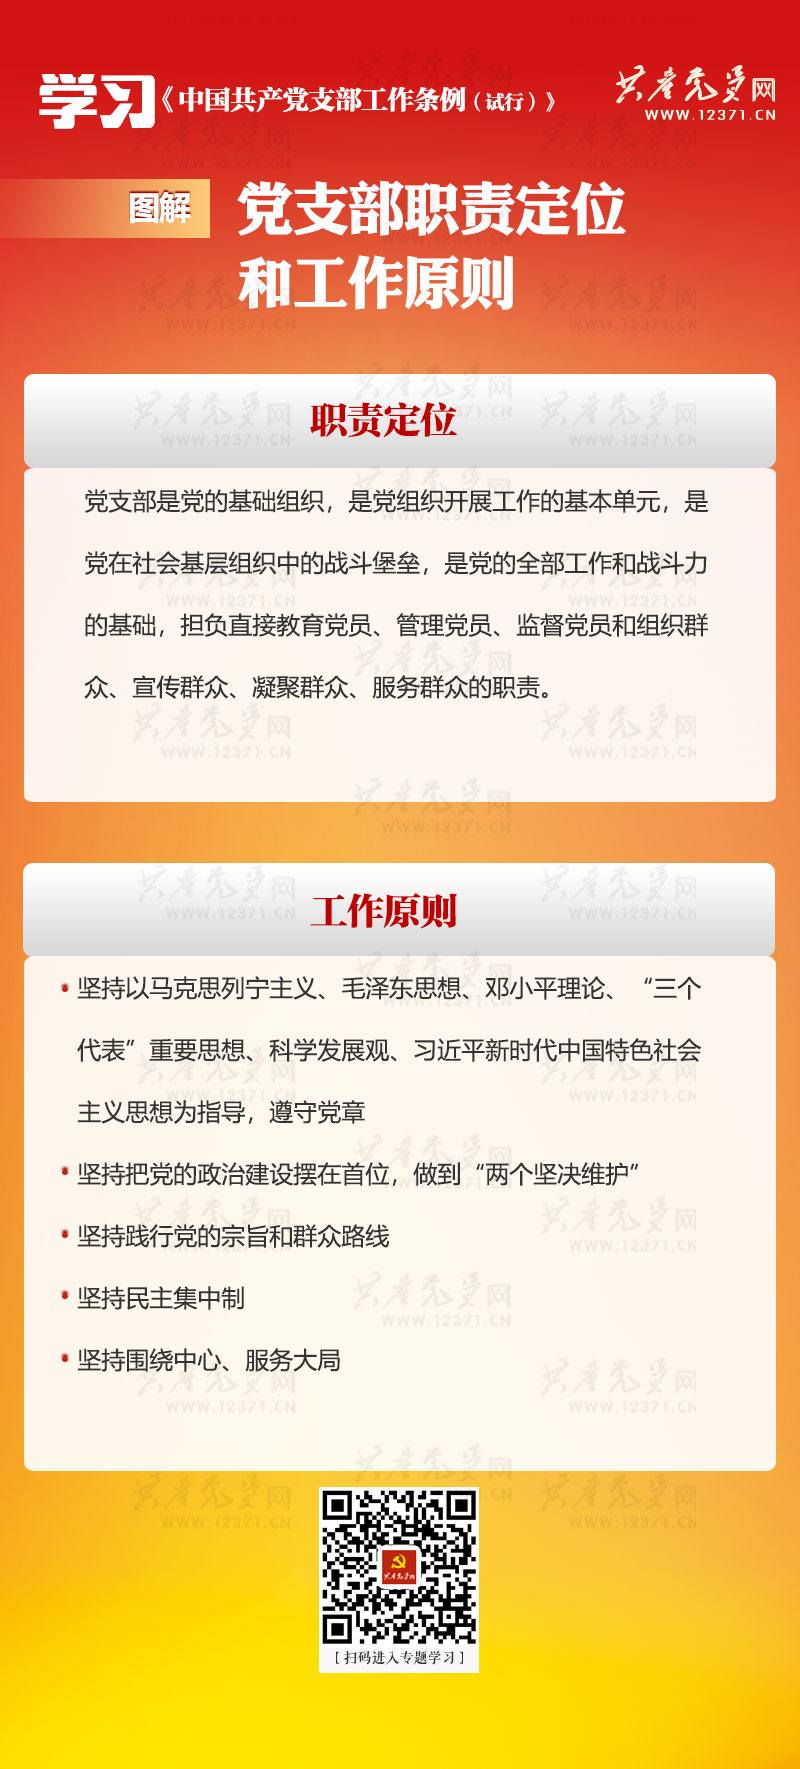 图解党支部职责定位和工作原则